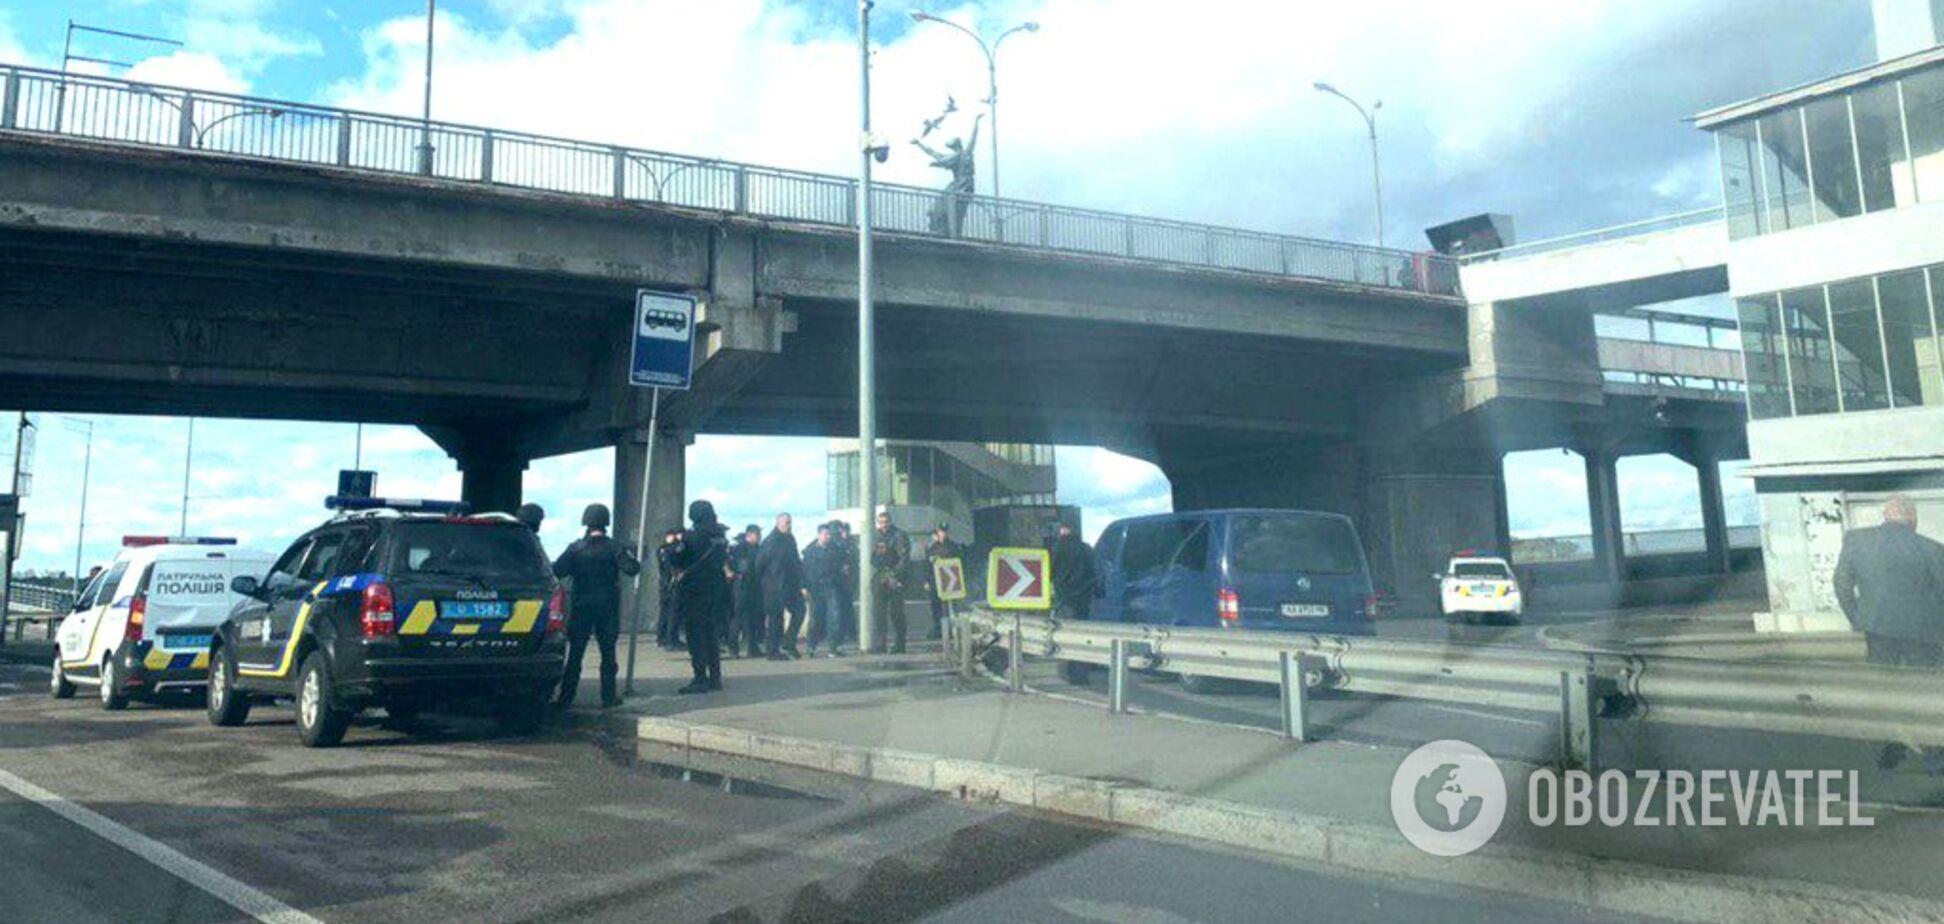 'Захват' моста Метро в Киеве: все подробности о теракте